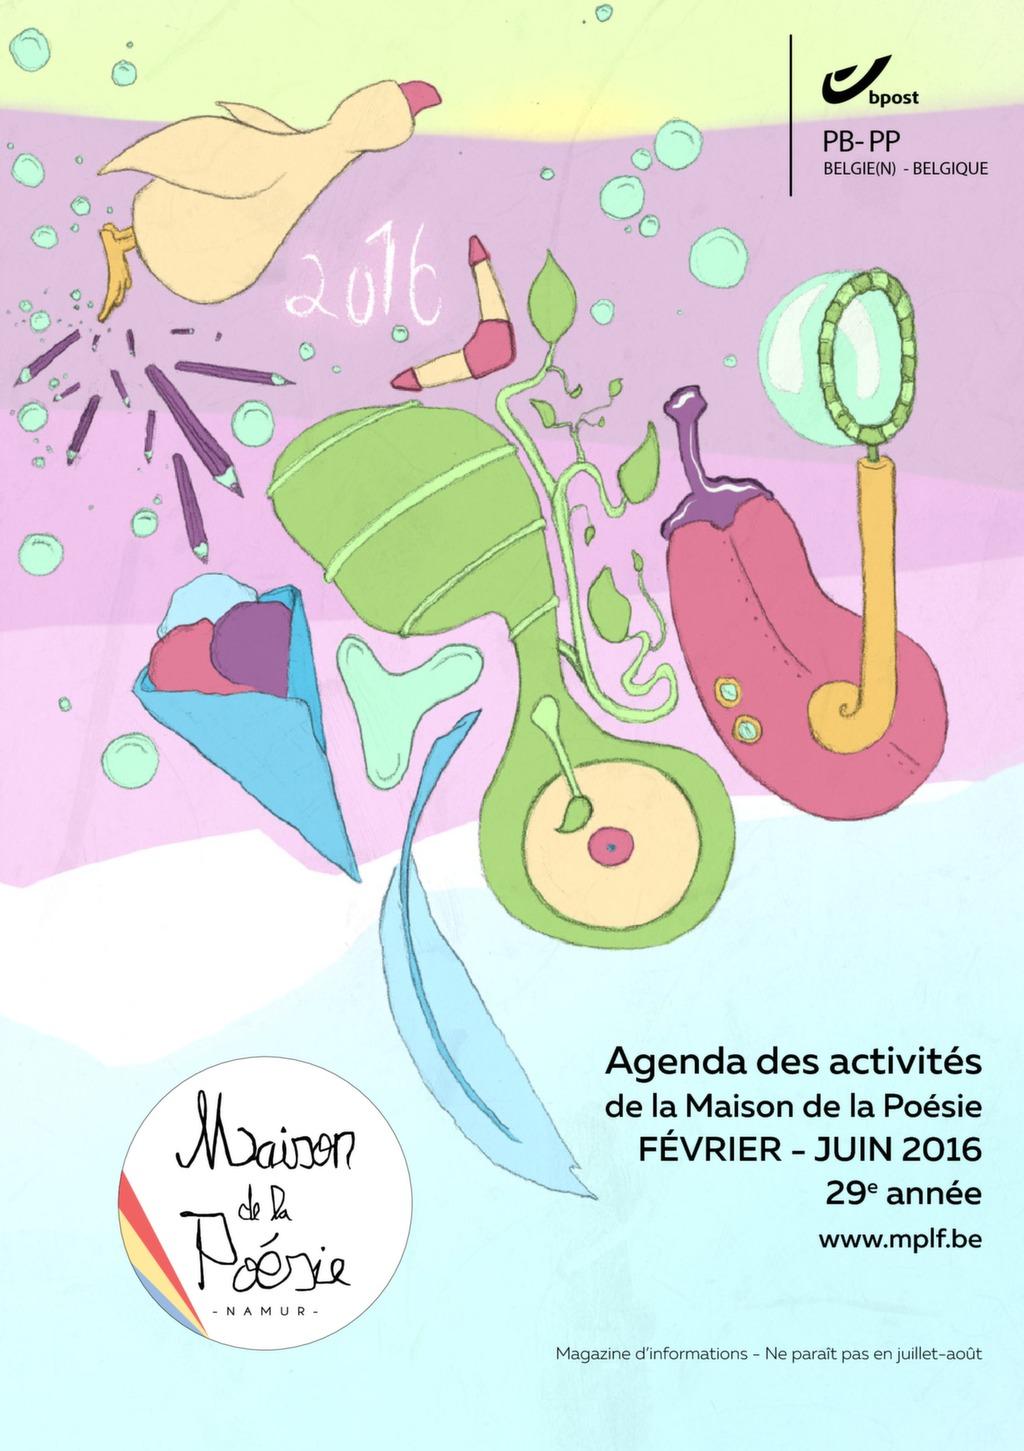 Agenda de la Maison de la Poésie de février à juin 2016 (lecture PDF)